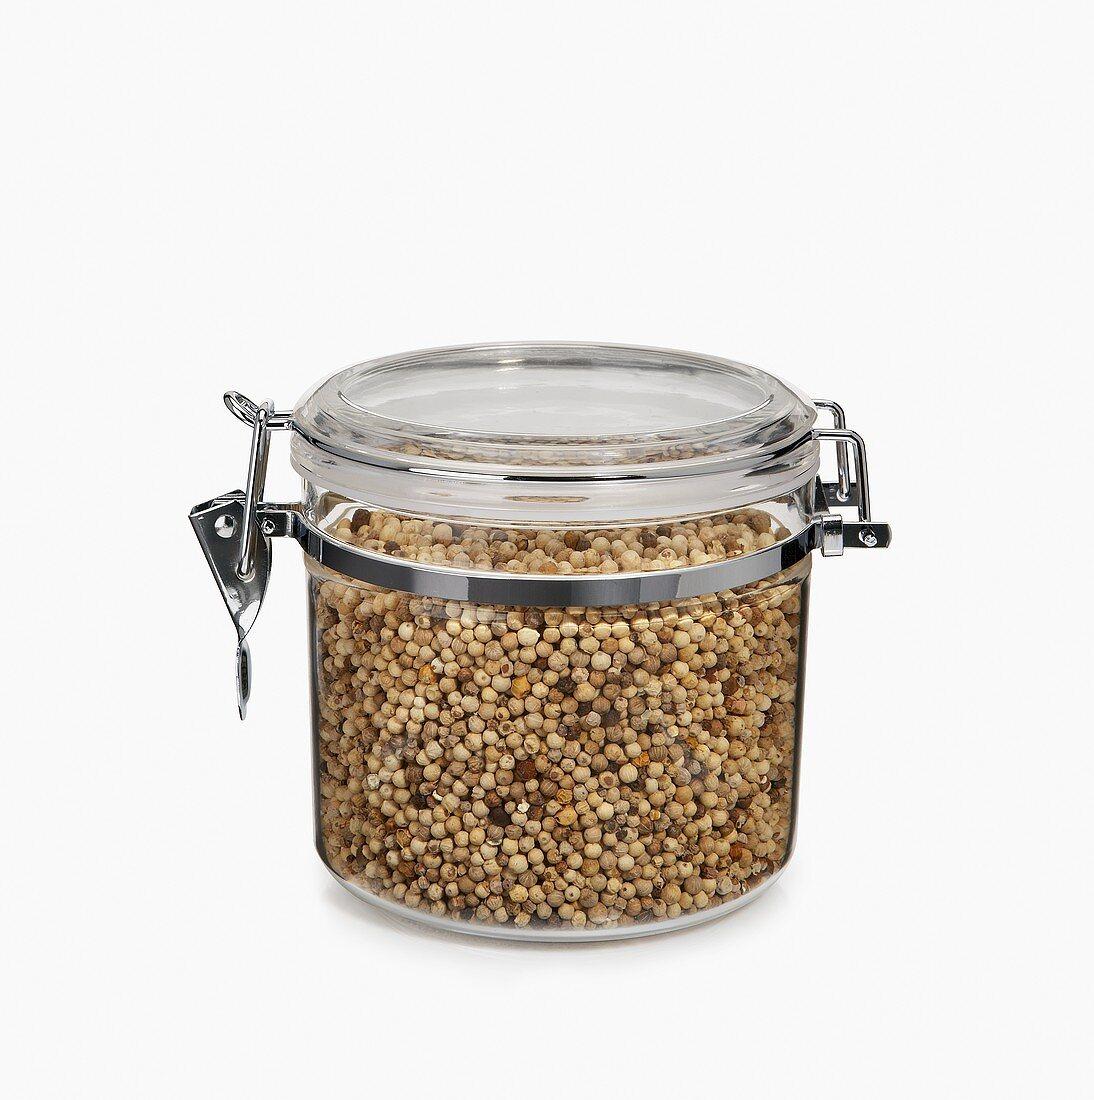 White Peppercorns in an Airtight Jar